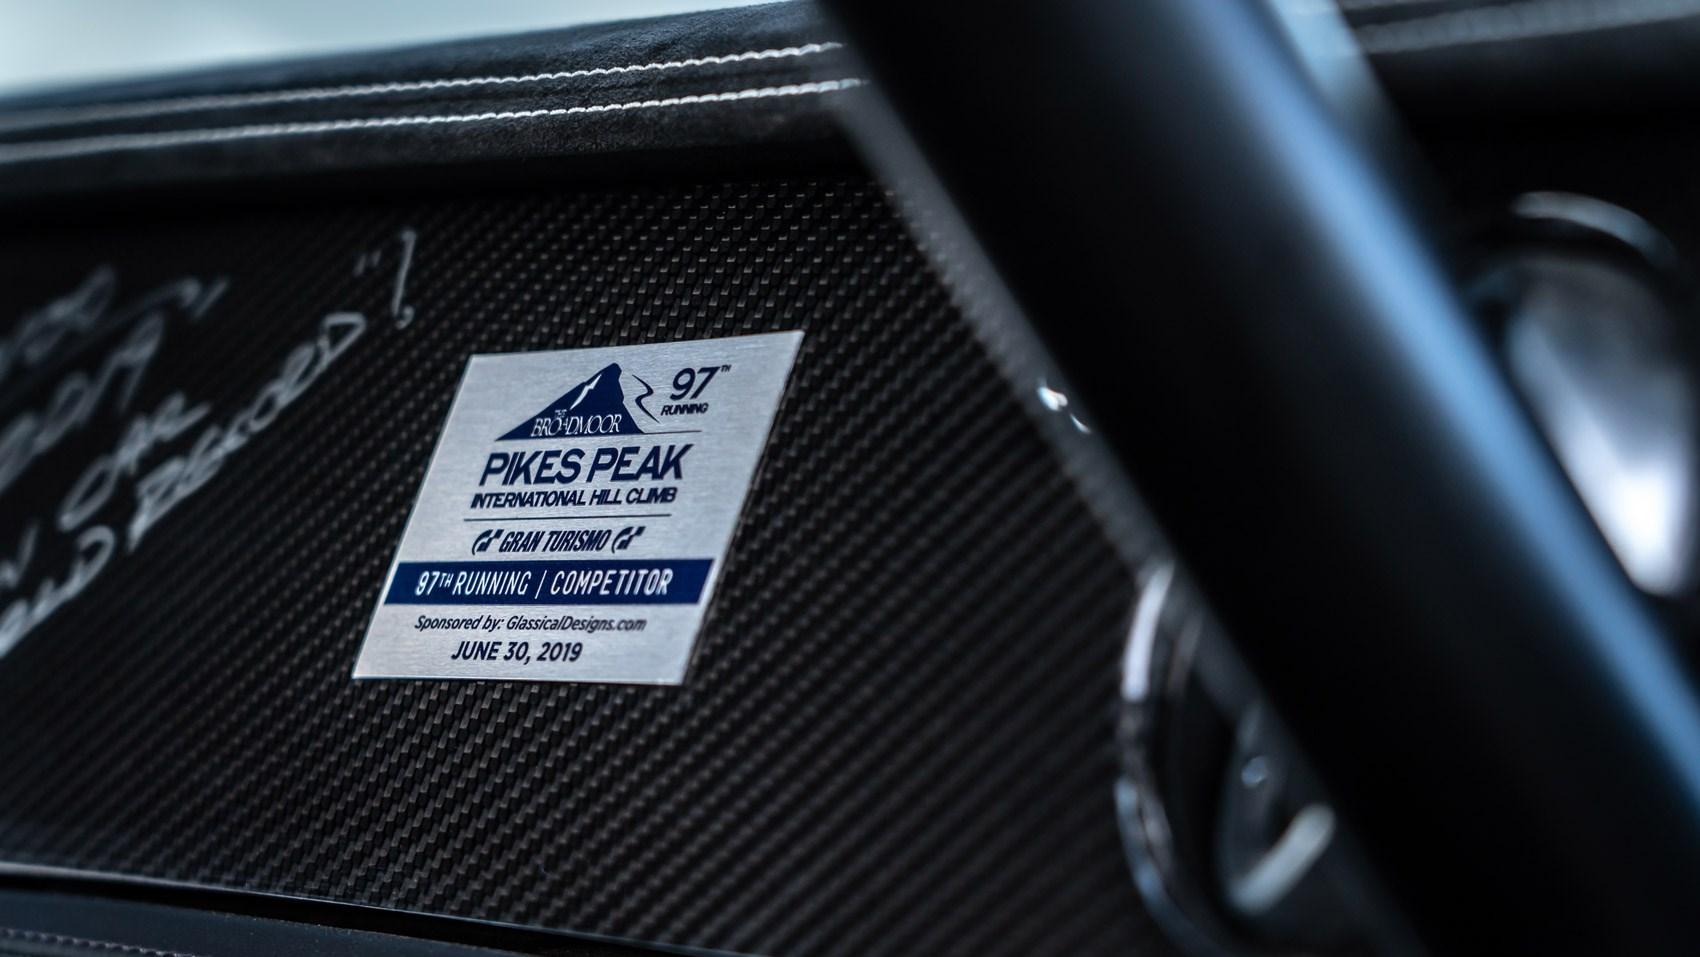 Conti Pikes Peak plaque